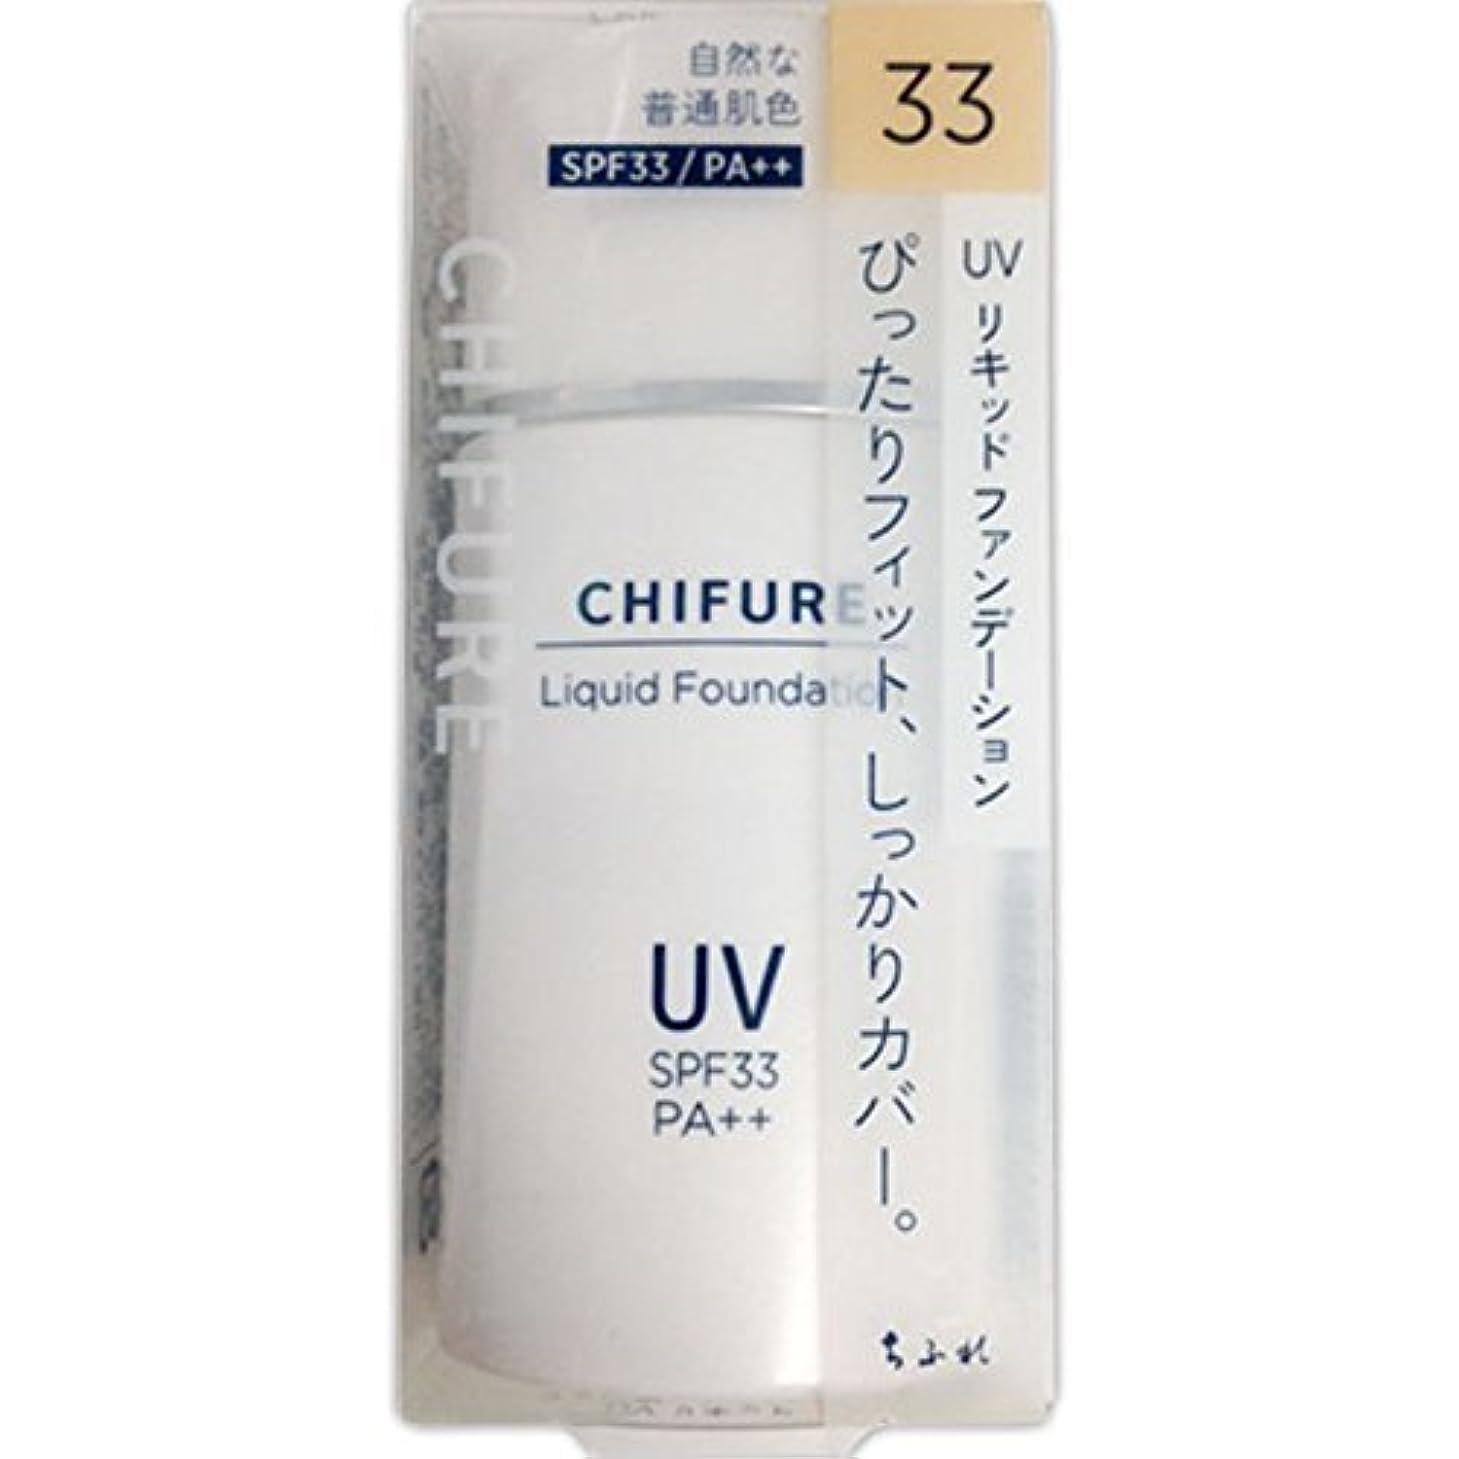 論文別れる患者ちふれ化粧品 UV リキッド ファンデーション 33 自然な普通肌色 30ML